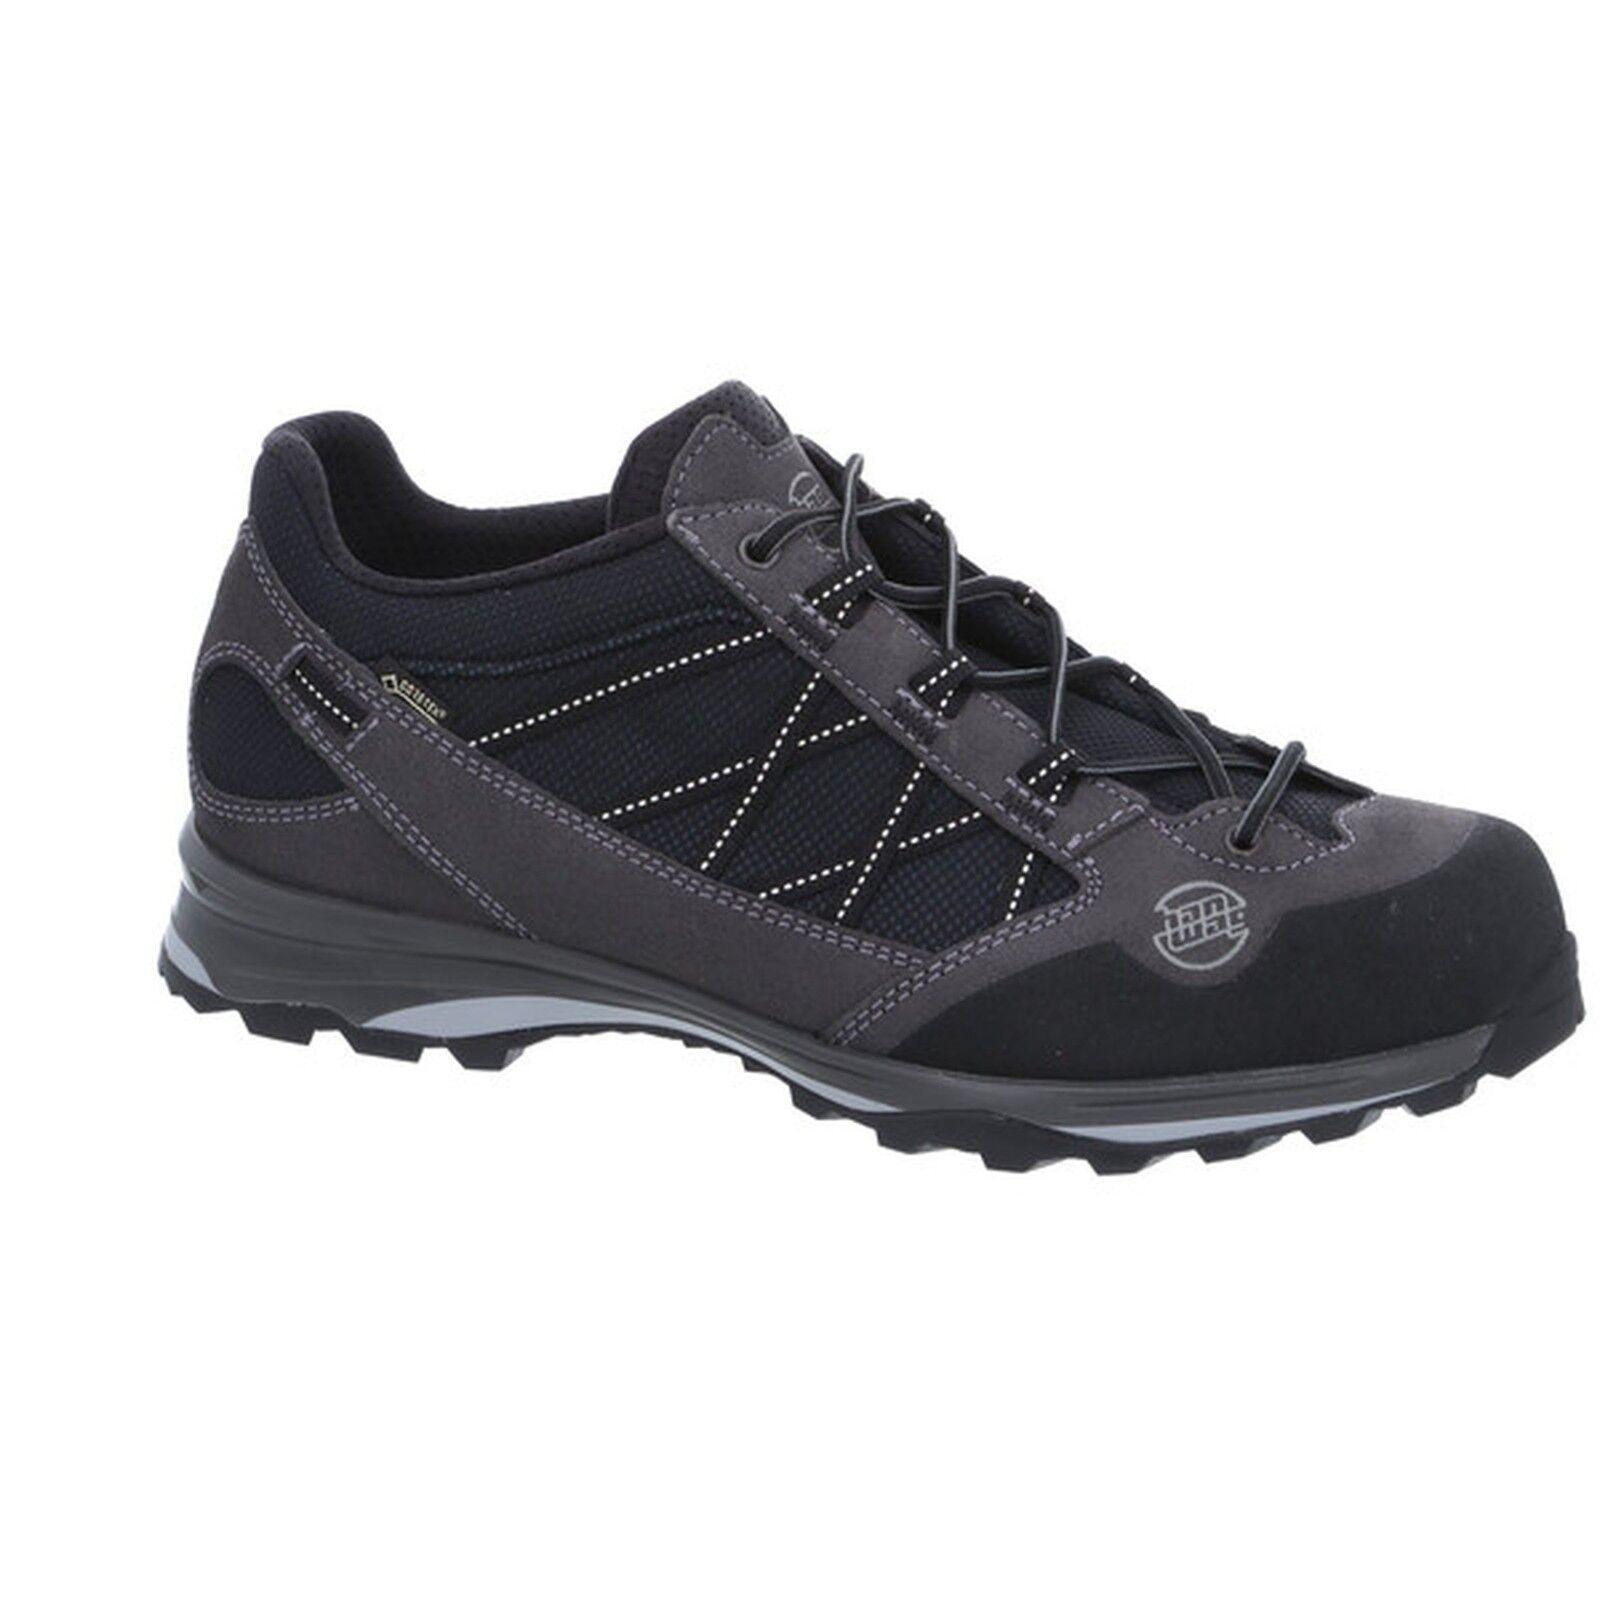 Hanwag montaña zapatos Belorado  II low GTX talla 12 - 47 asfalto negro  Esperando por ti